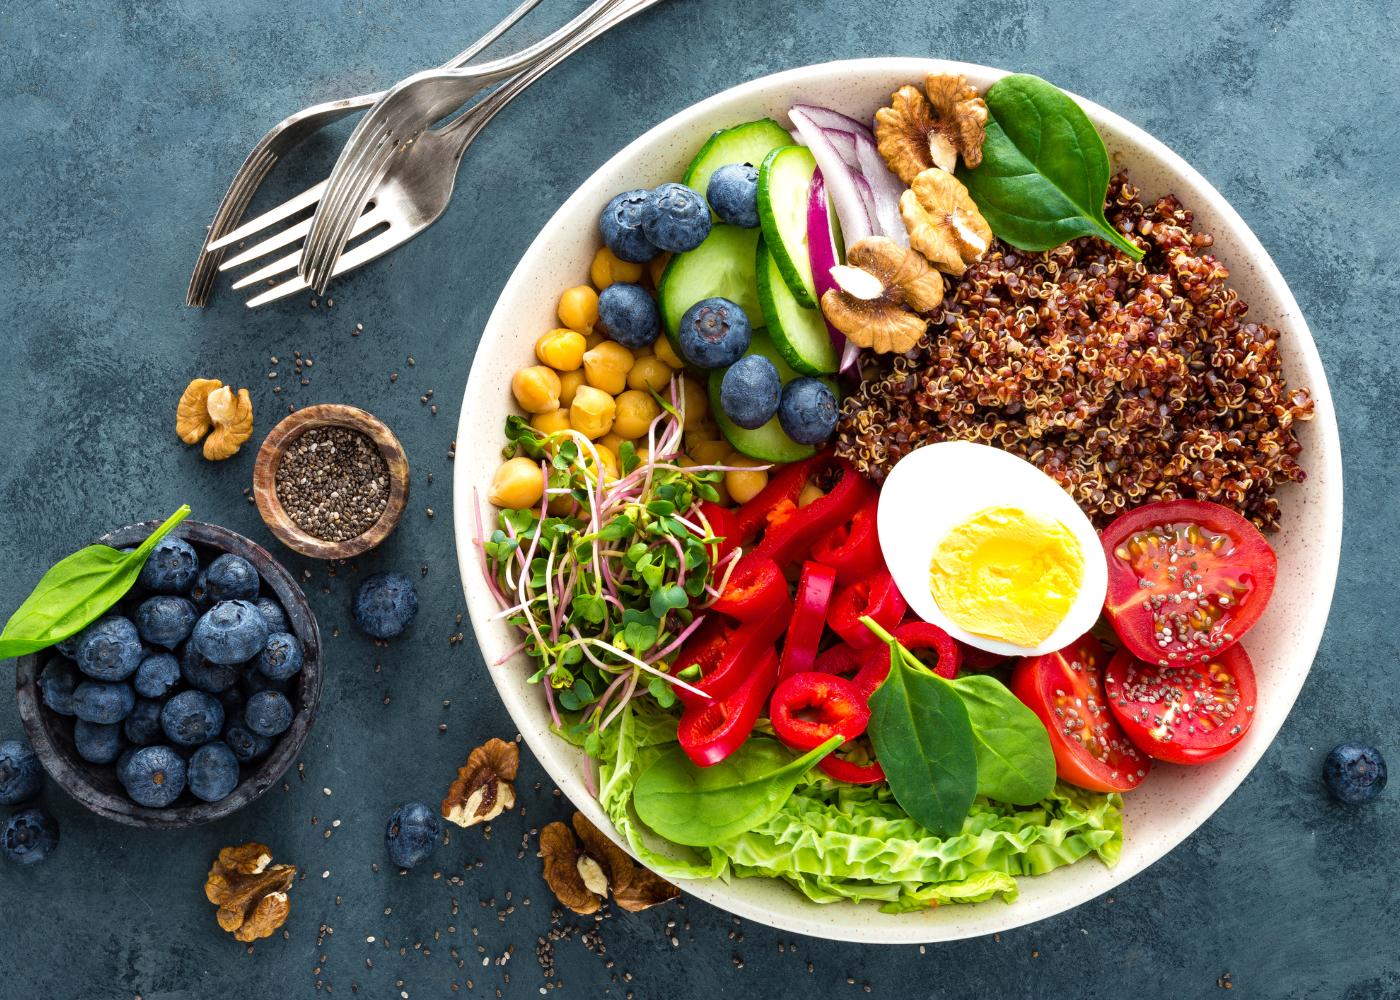 reduzi o apetite como conseguir